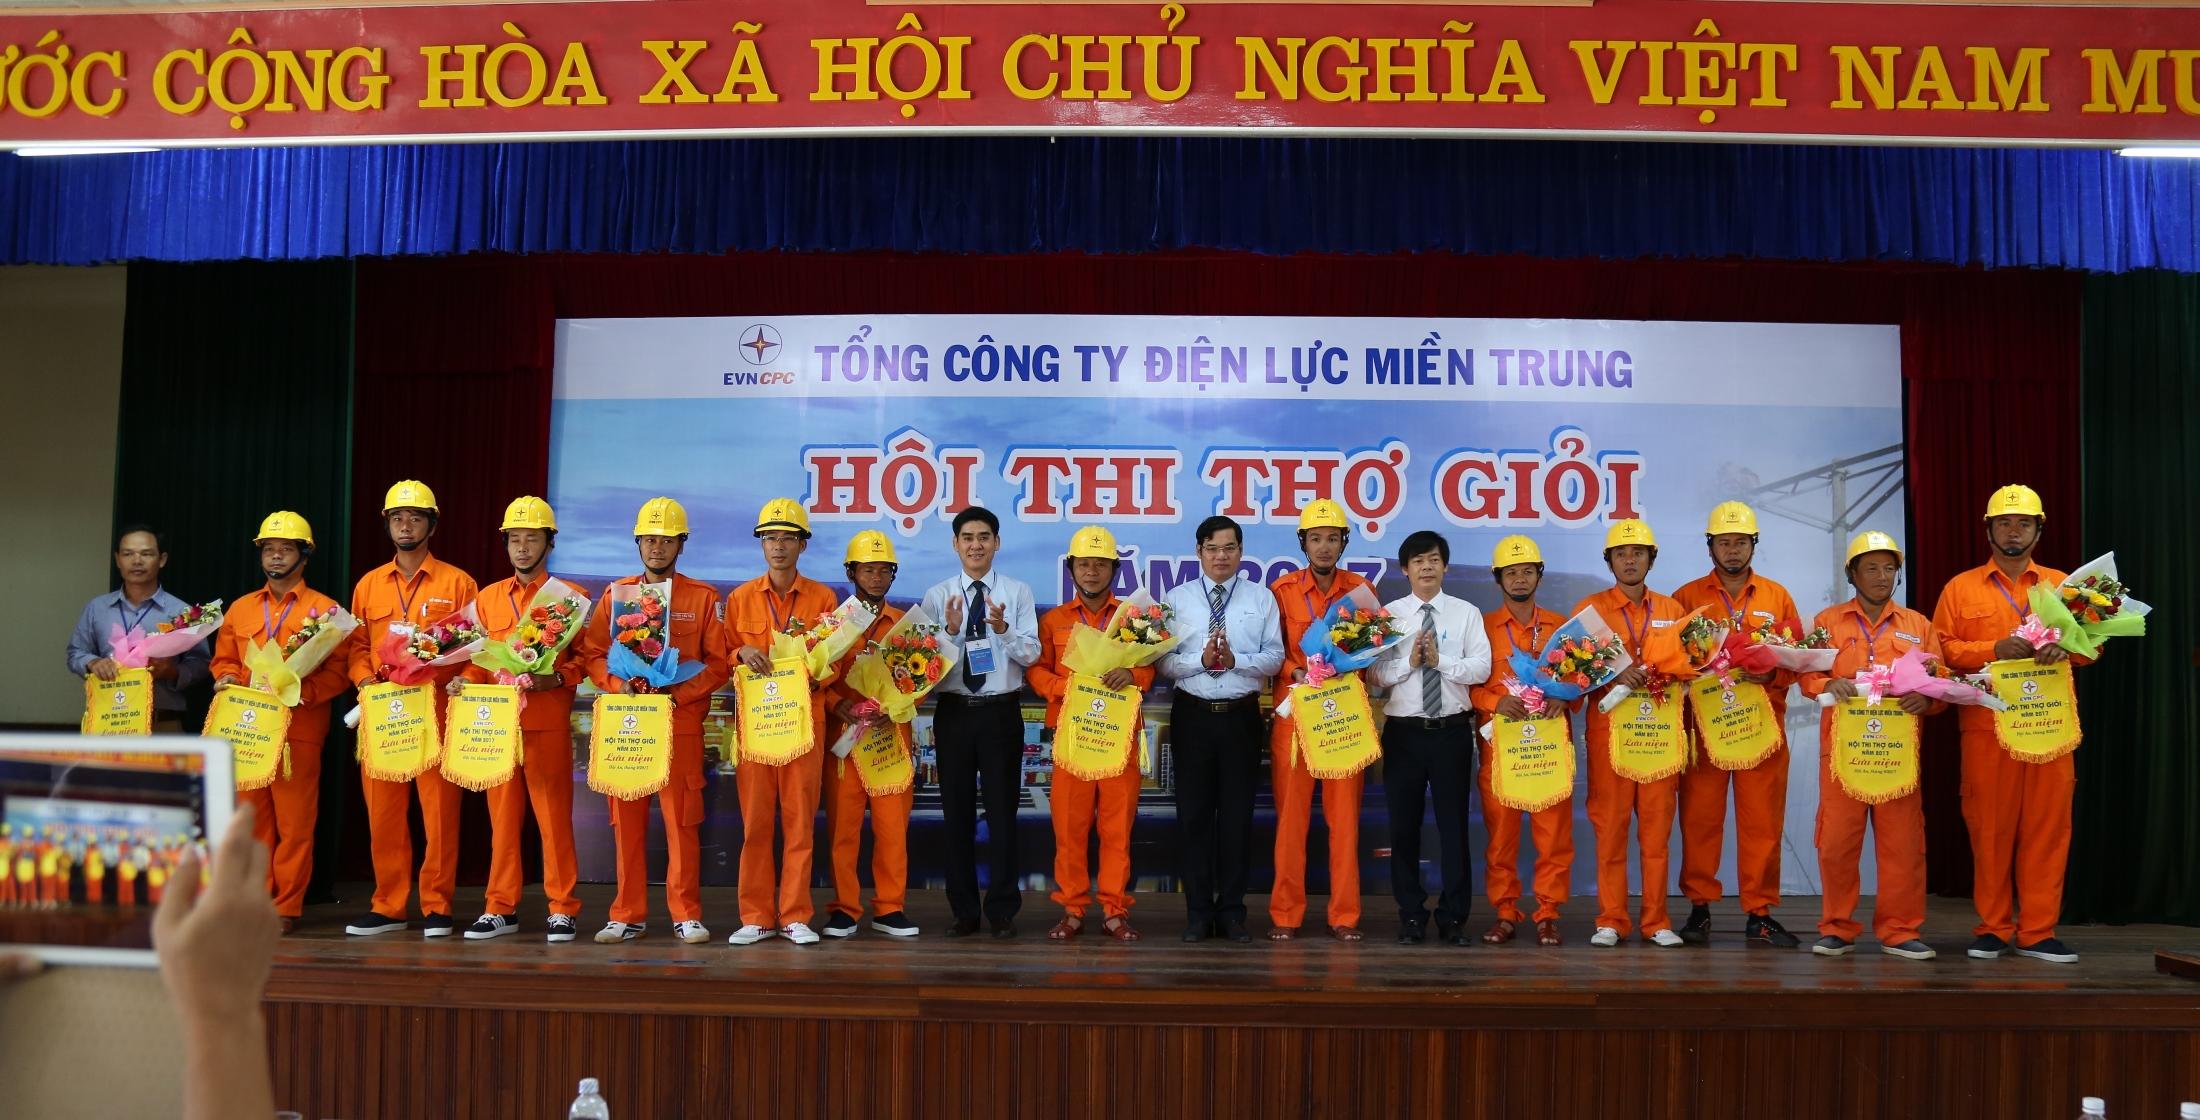 EVNCPC: Khai mạc Hội thi thợ giỏi năm 2017